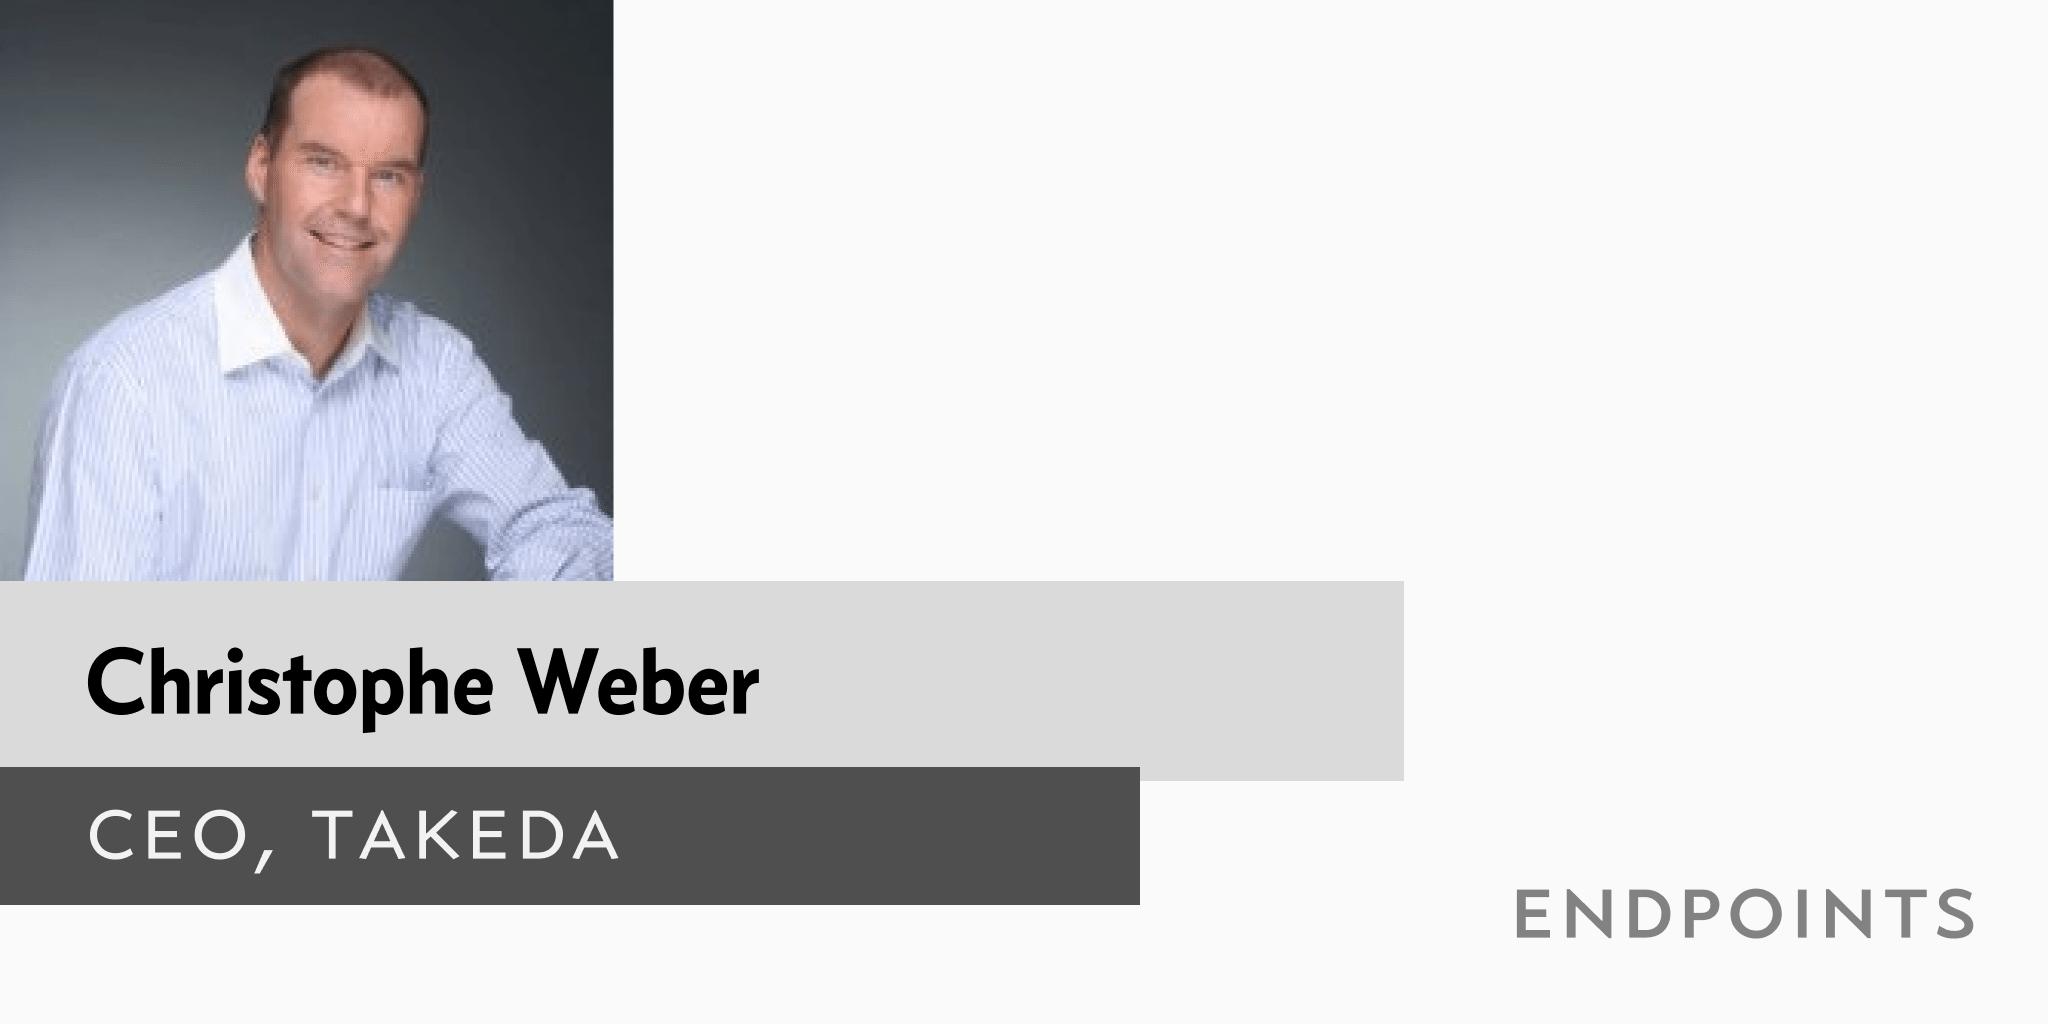 Christophe Weber